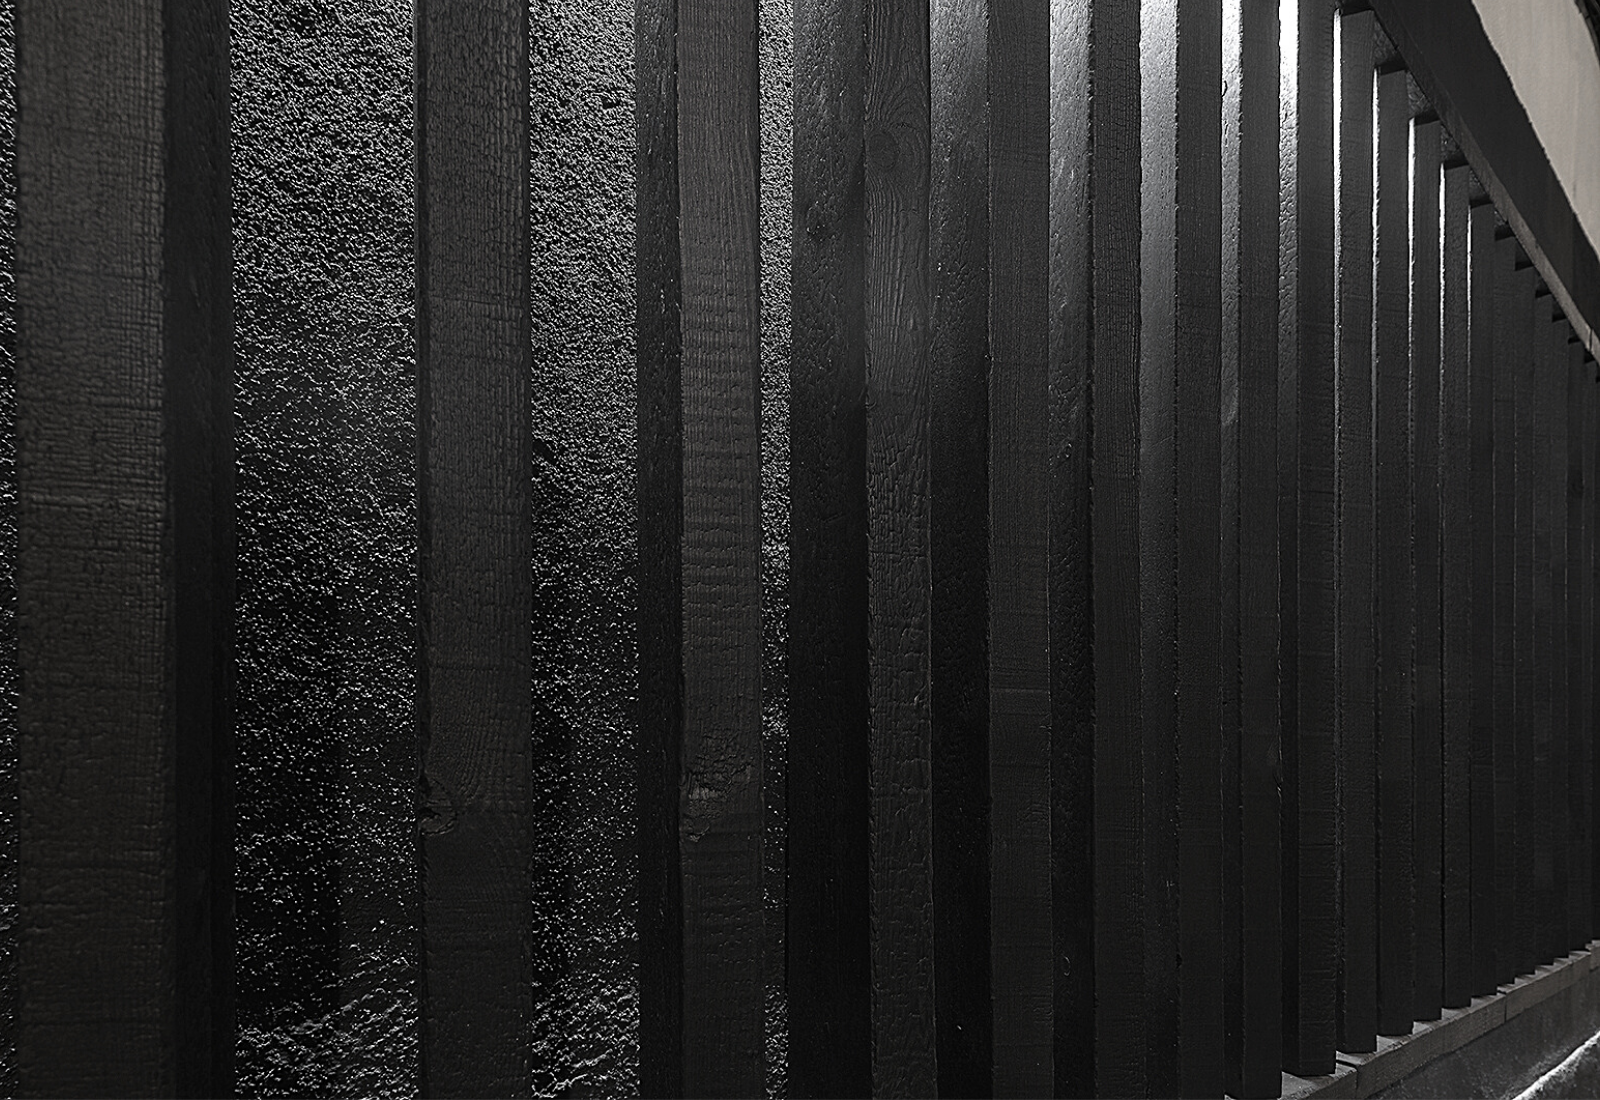 Acabado en lamas de pino carbonizadas para revestimiento exterior - Grupo Gubia